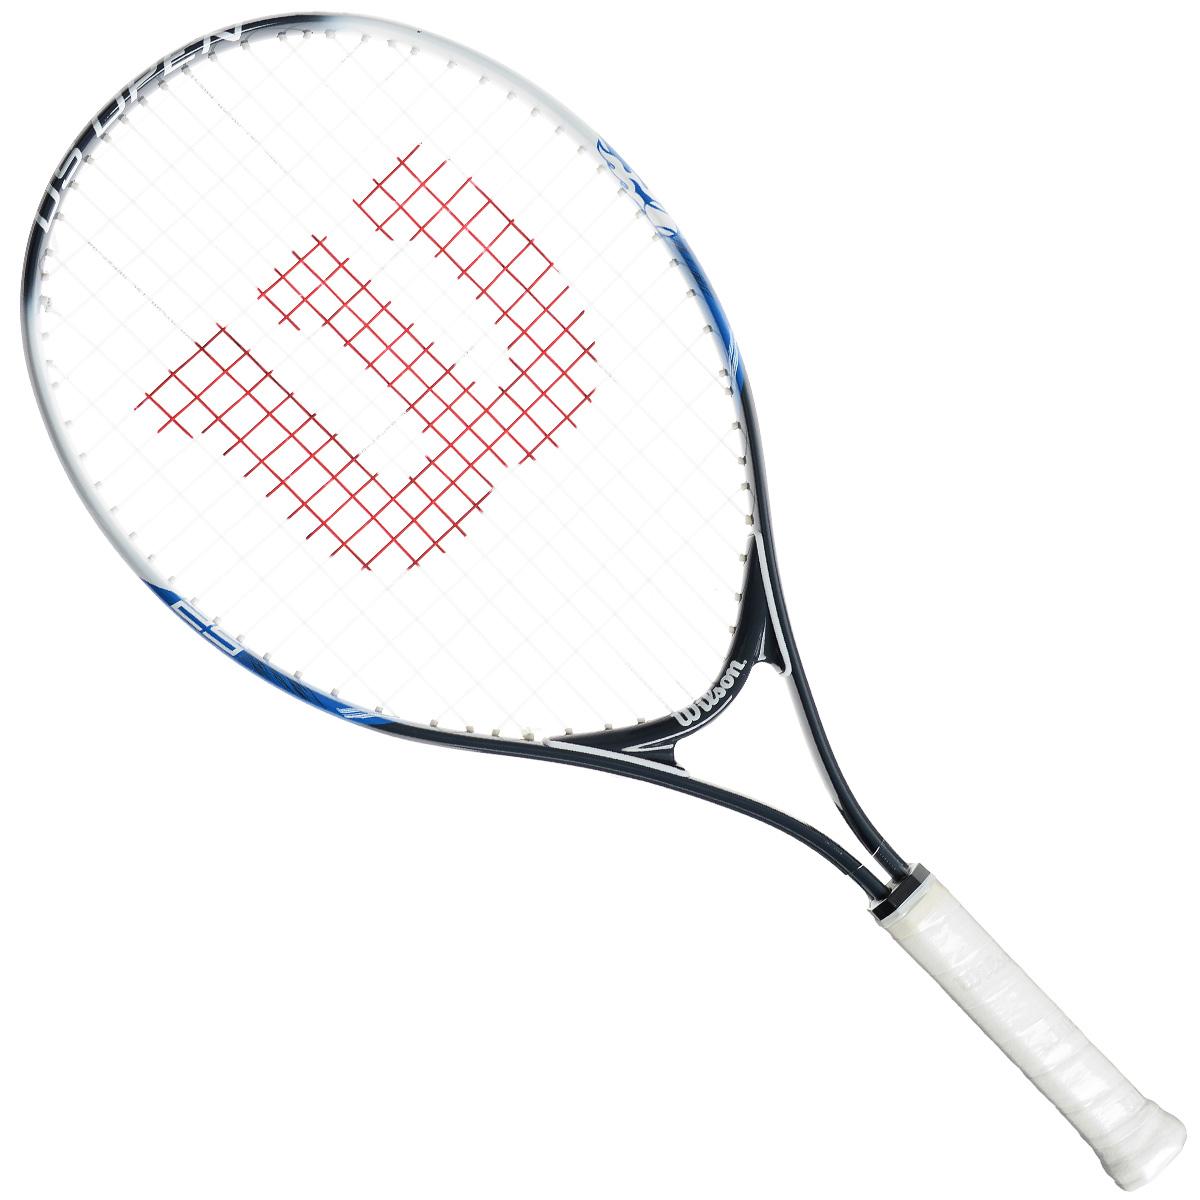 Ракетка детская Wilson US Open 25WRT30070U3Детская теннисная ракетка Wilson US Open 25 отлично подойдет для начинающих спортсменов возрастом 9-10 лет. Титановый сплав обеспечивает изделию дополнительную прочность. Ракетка имеет небольшой вес для более удобного замаха.